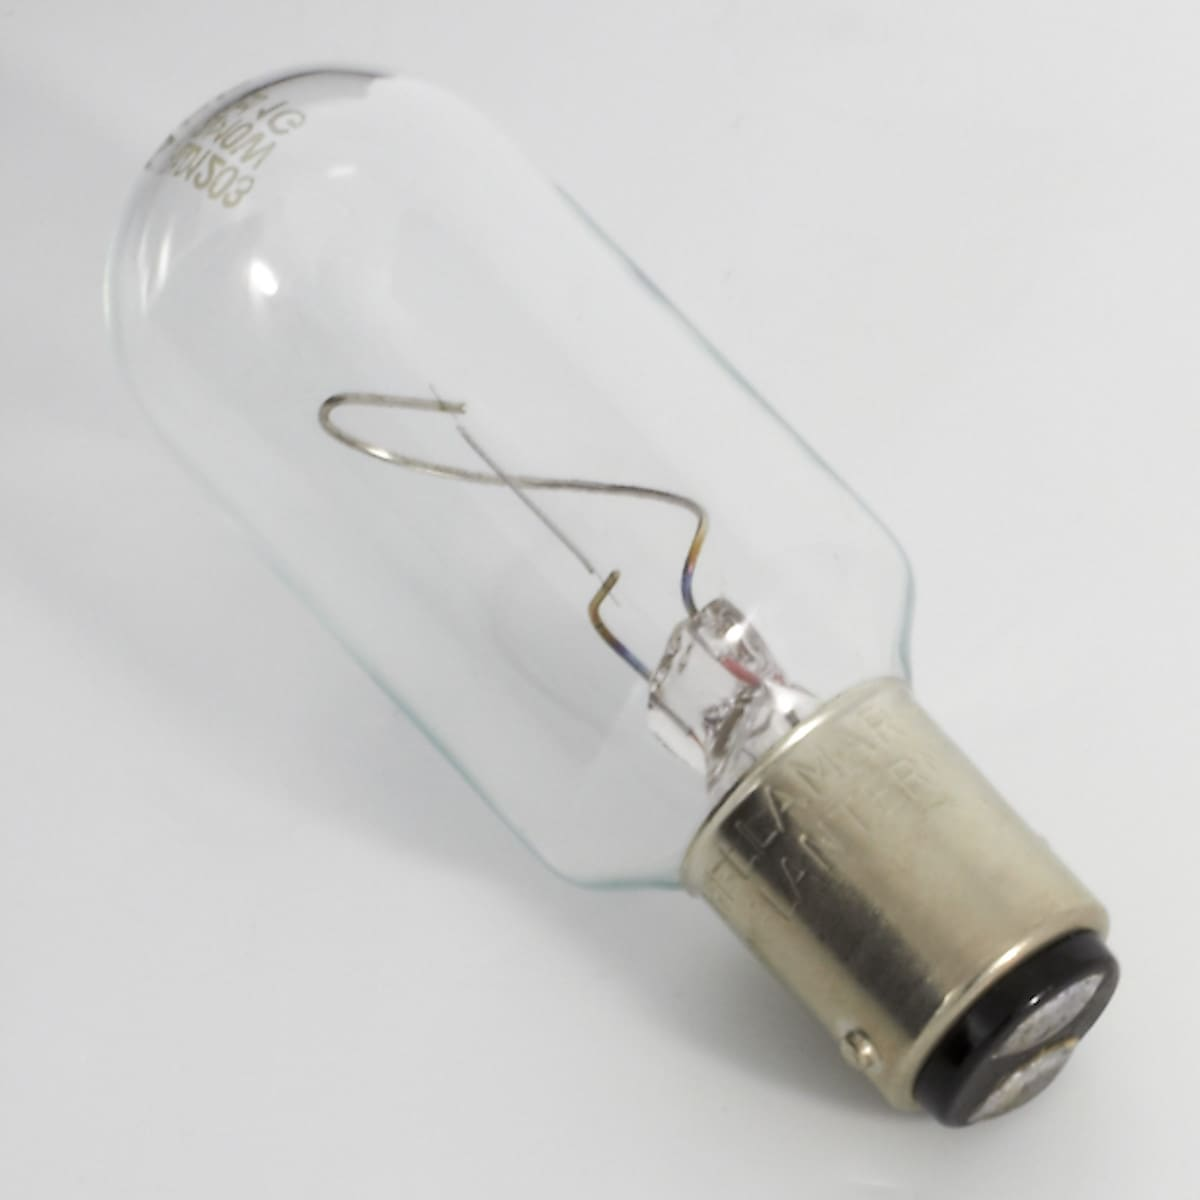 Lampe BAY15d